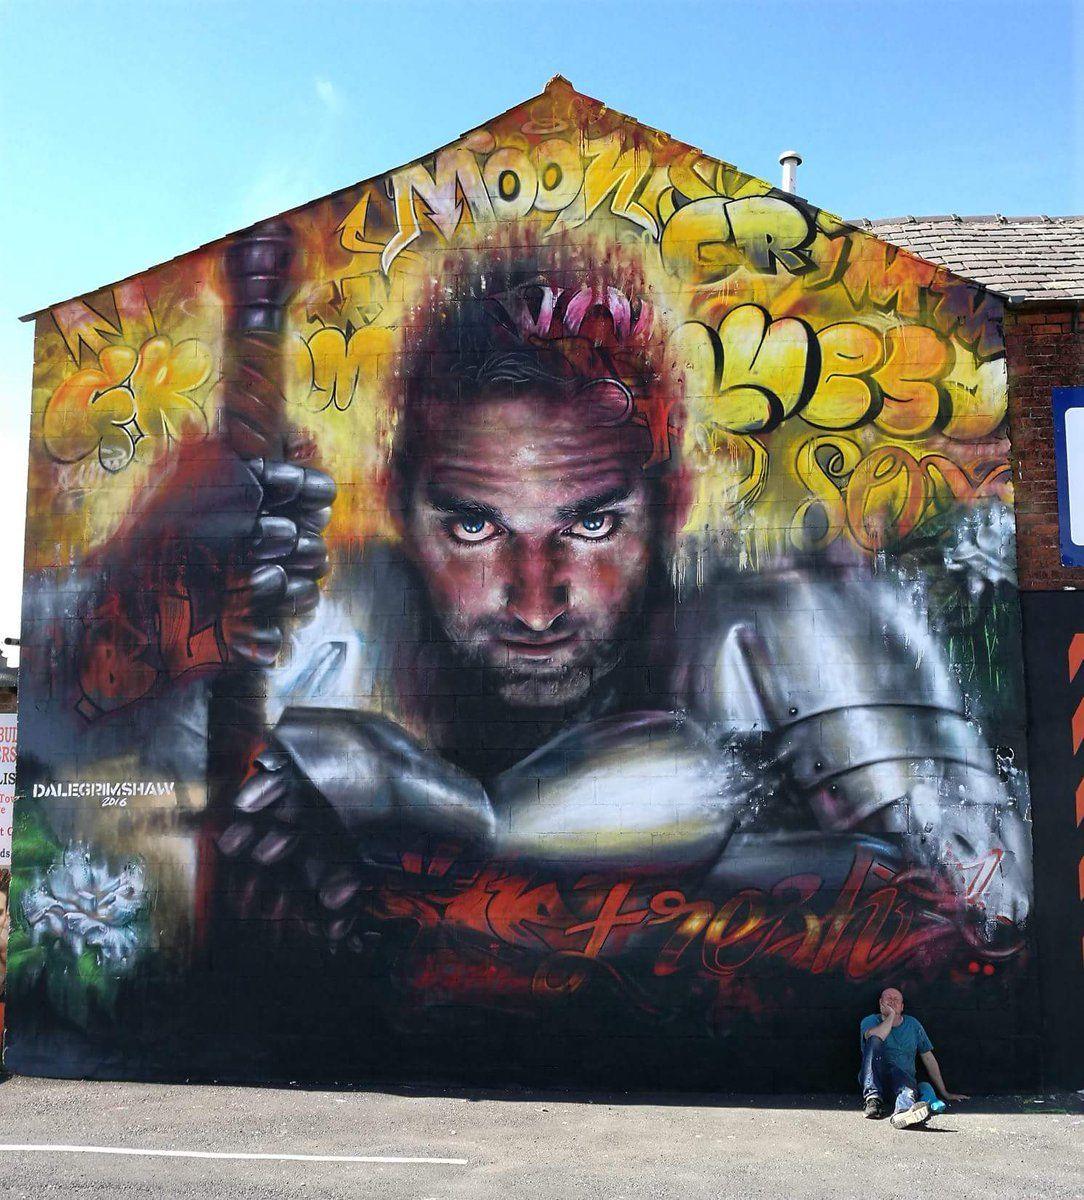 Dale grimshaw streetart sand sea spray blackpool uk ♥♥♥